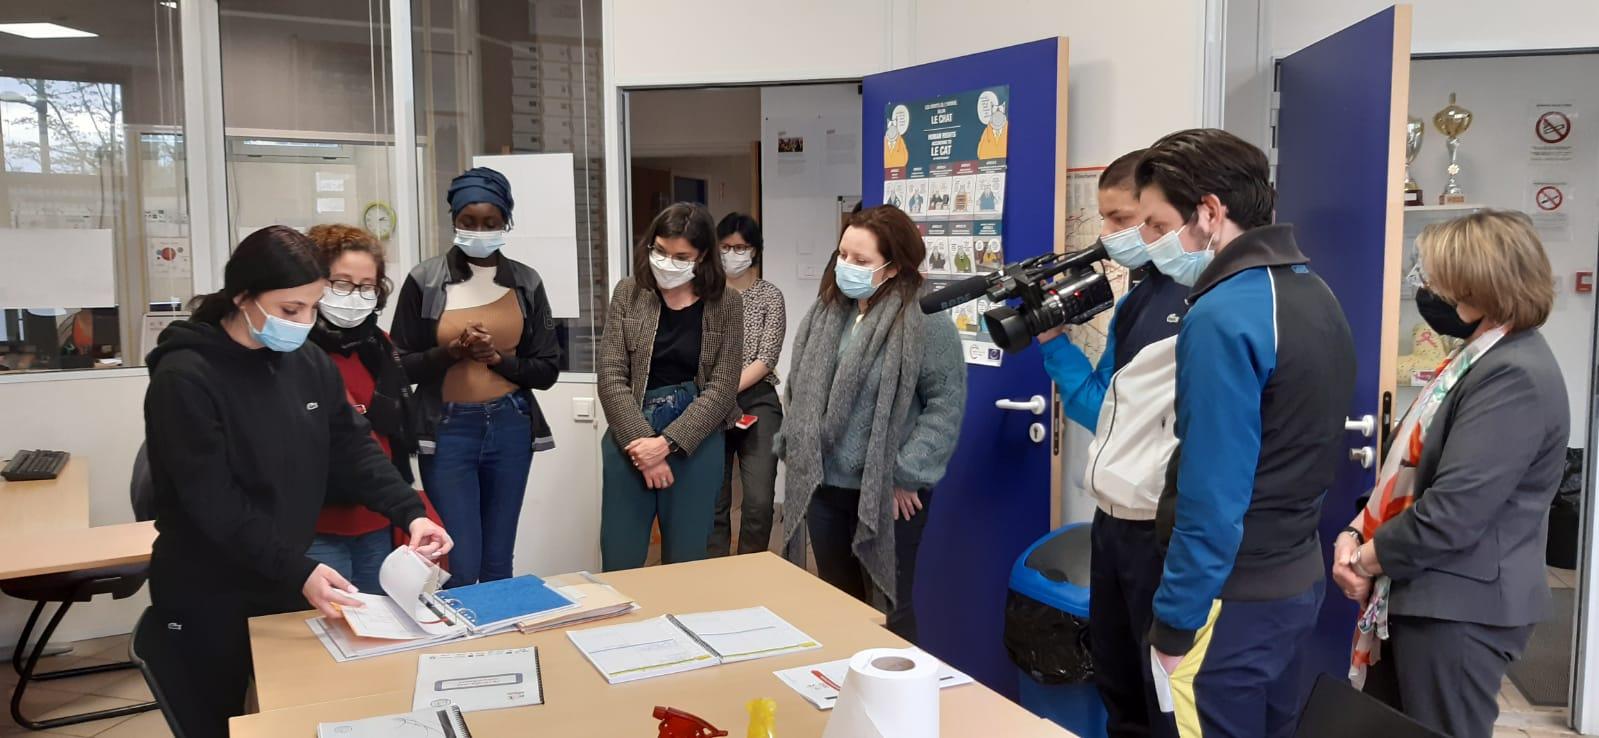 les stagiaires reçoivent la visite des élues de la métropole et de la ville de Lyon